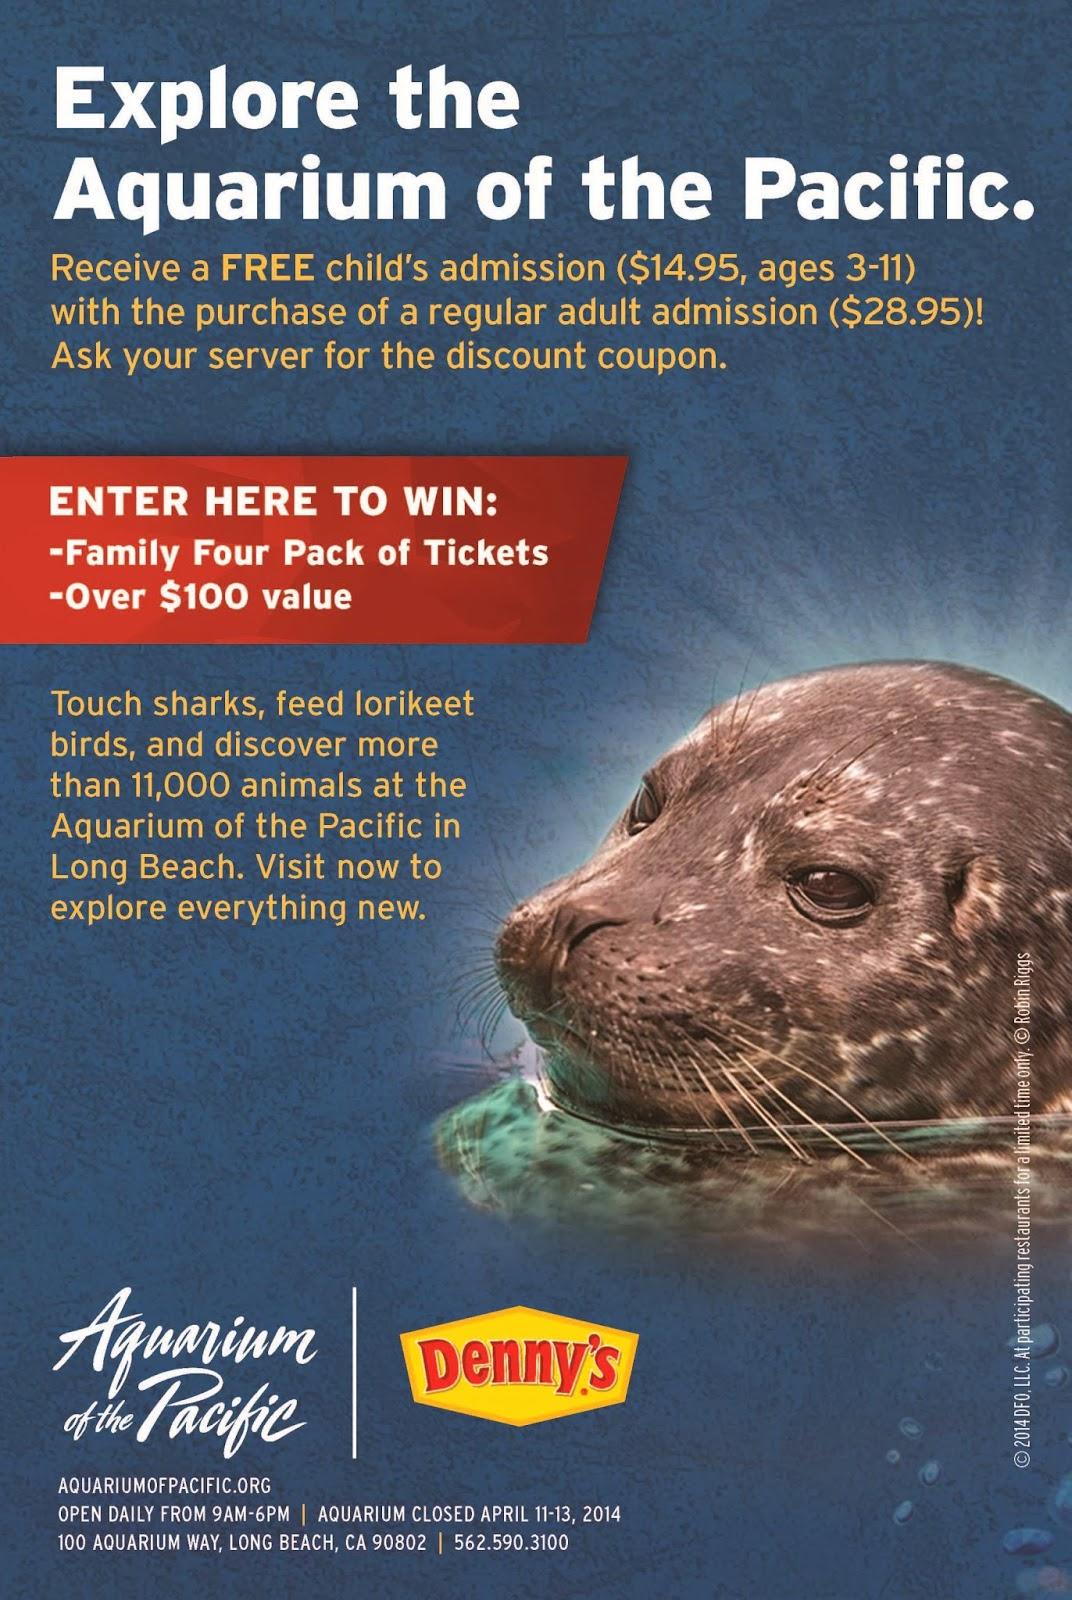 Boston aquarium discount coupons